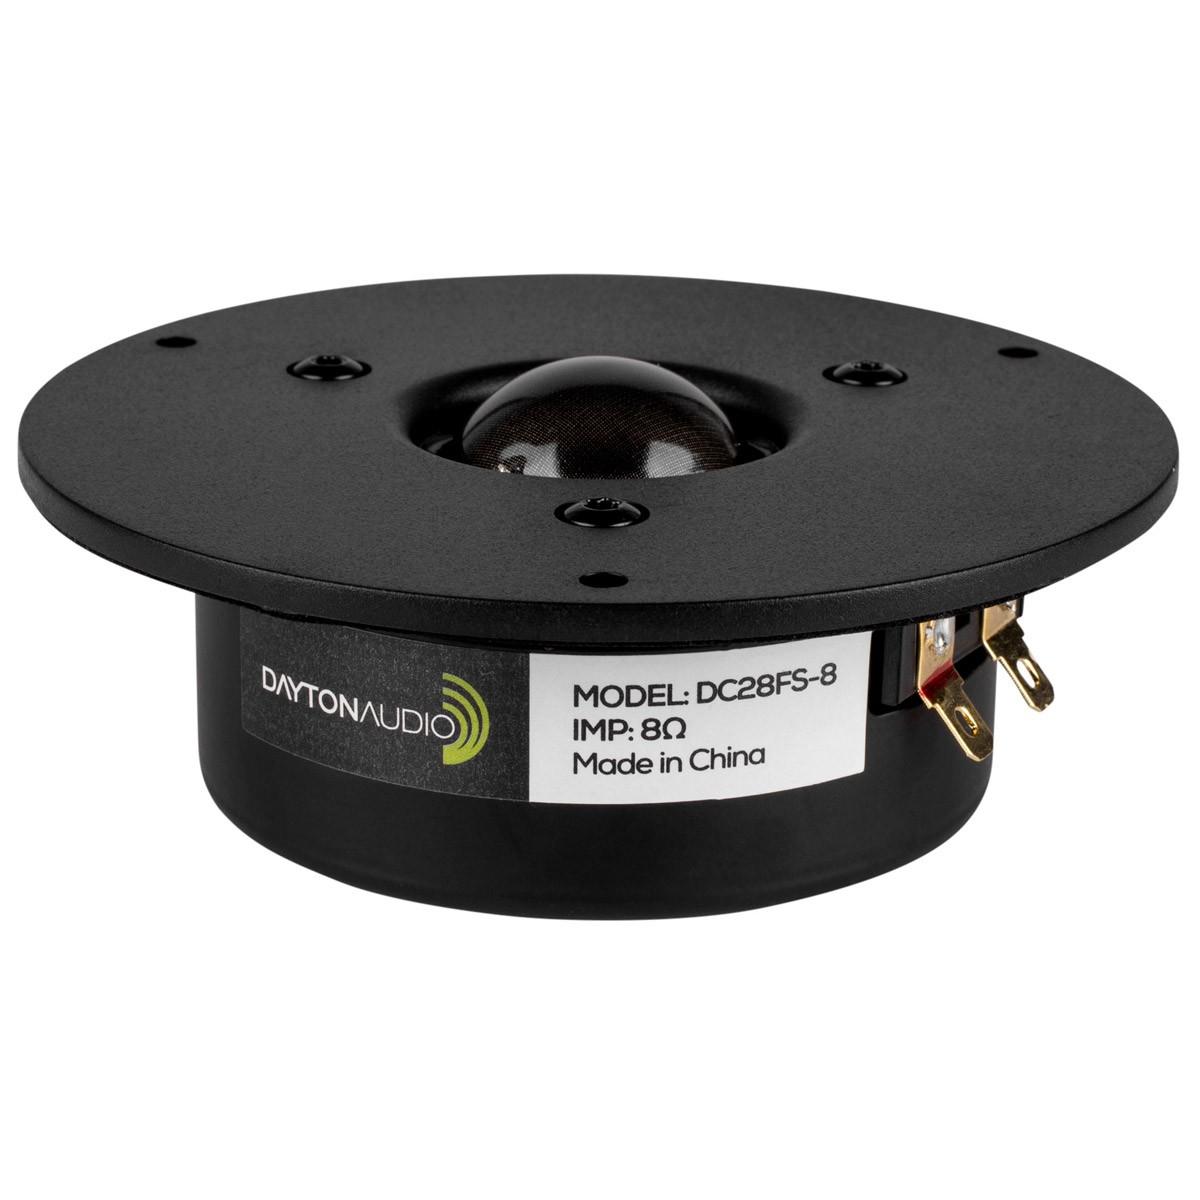 DAYTON AUDIO DC28FS-8 Speaker Driver Dome Tweeter 50W 8 Ohm 89dB 1600Hz - 20kHz Ø2.9cm